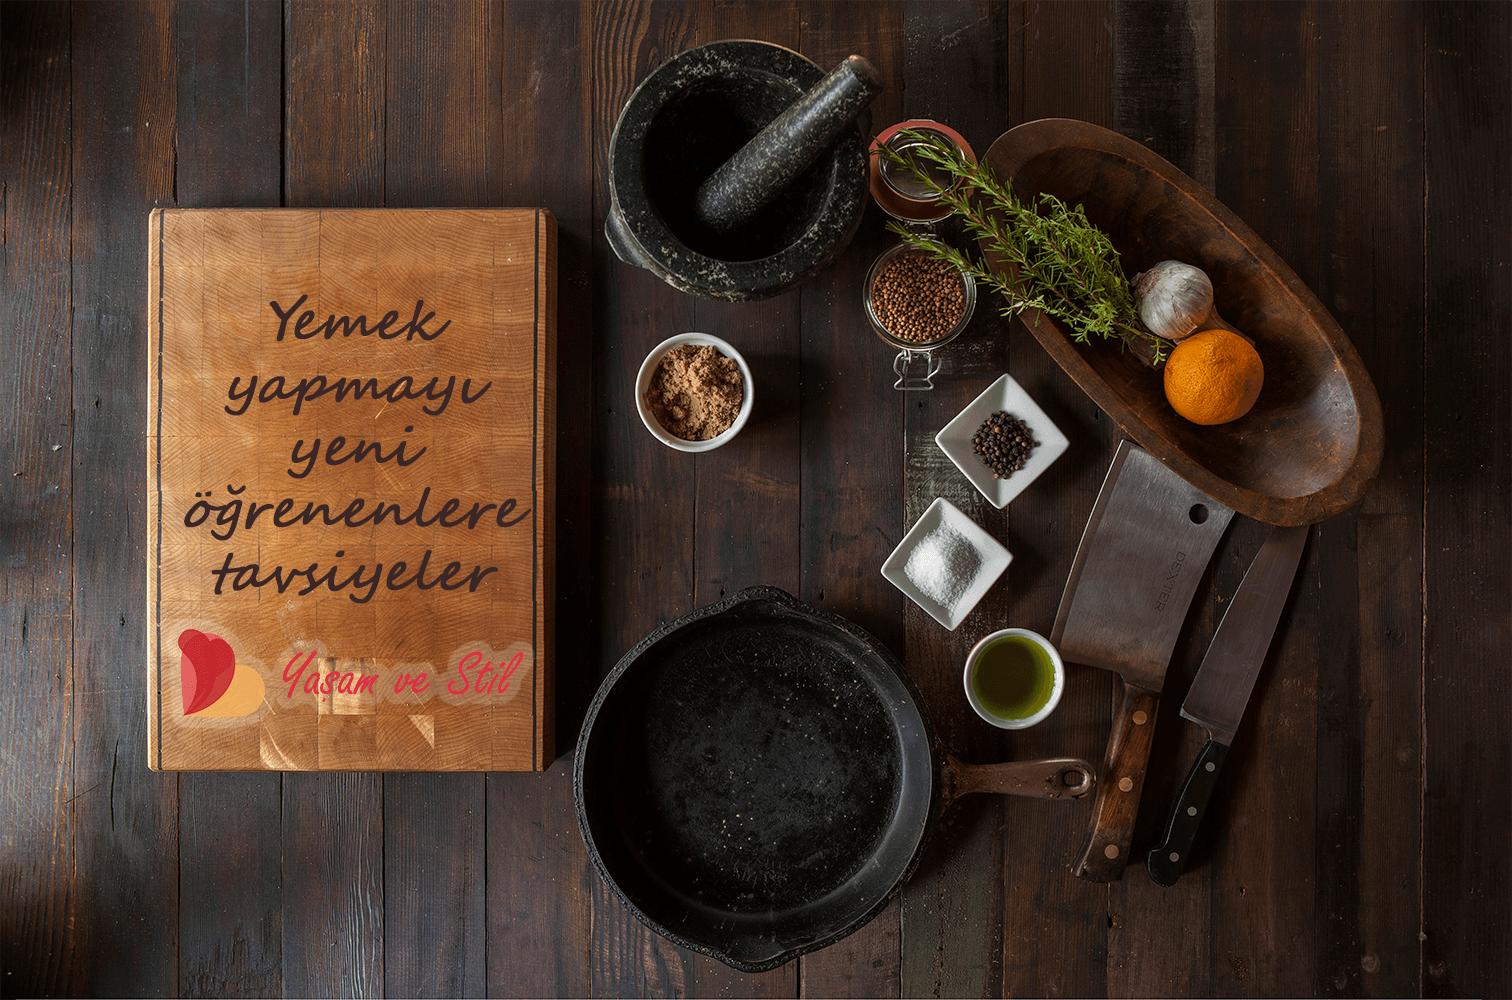 Yemek Yapmayı Yeni Öğrenenlere Tavsiyeler